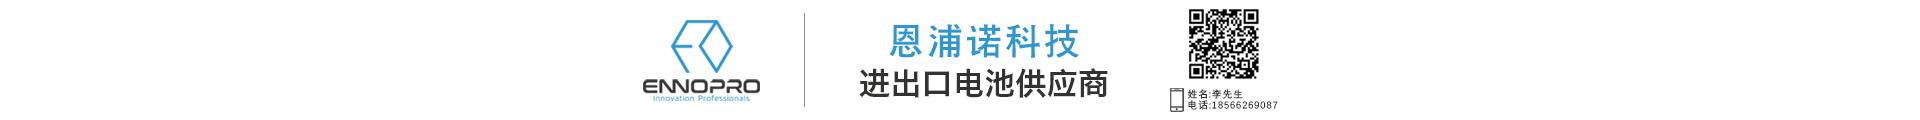 深圳恩浦諾科技有限公司